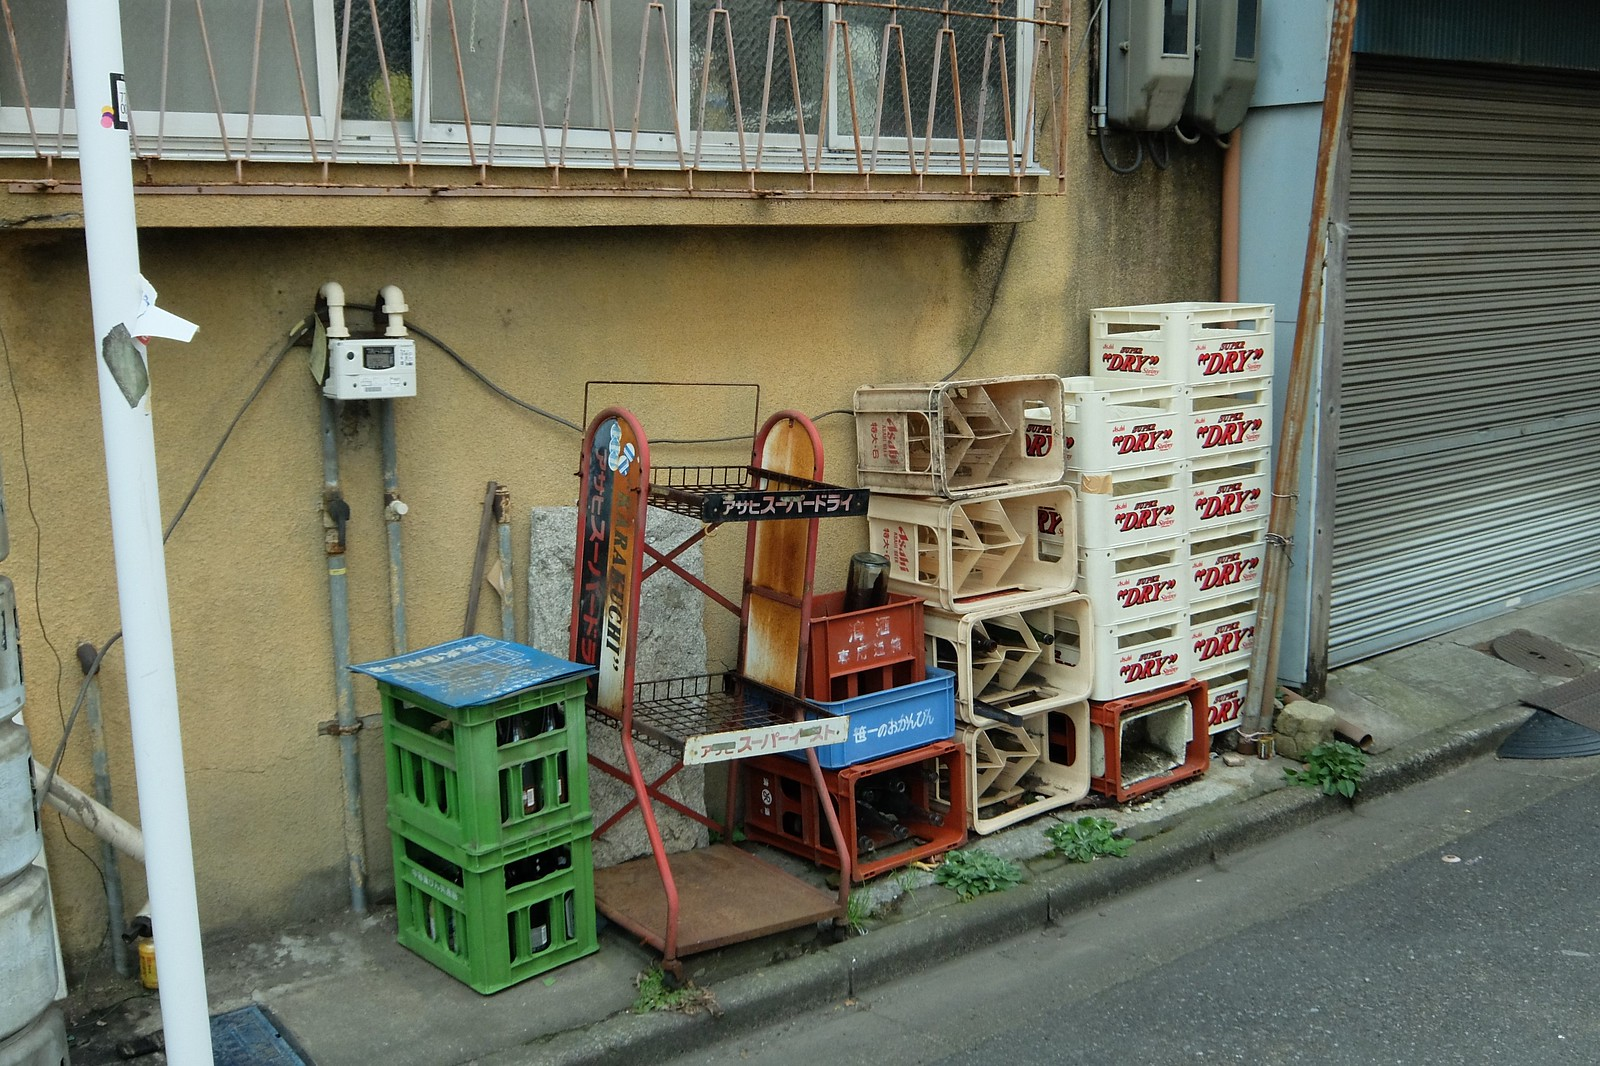 Sumidaku Tokyo photo